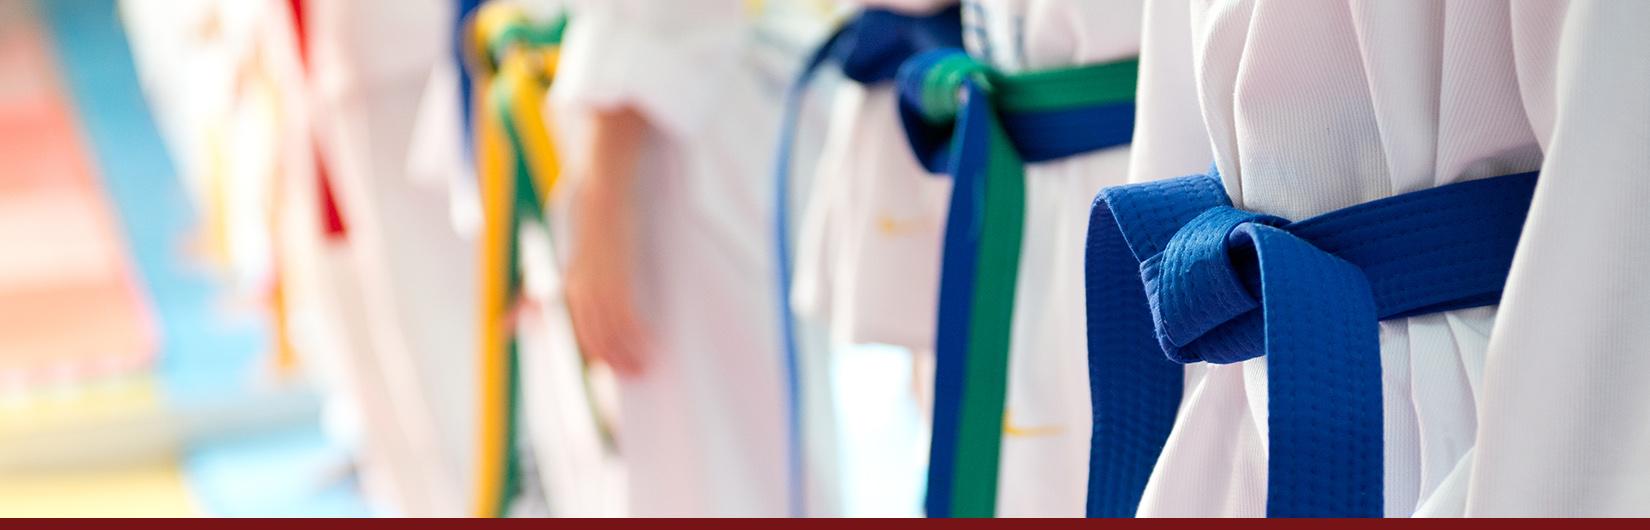 taekwondo students